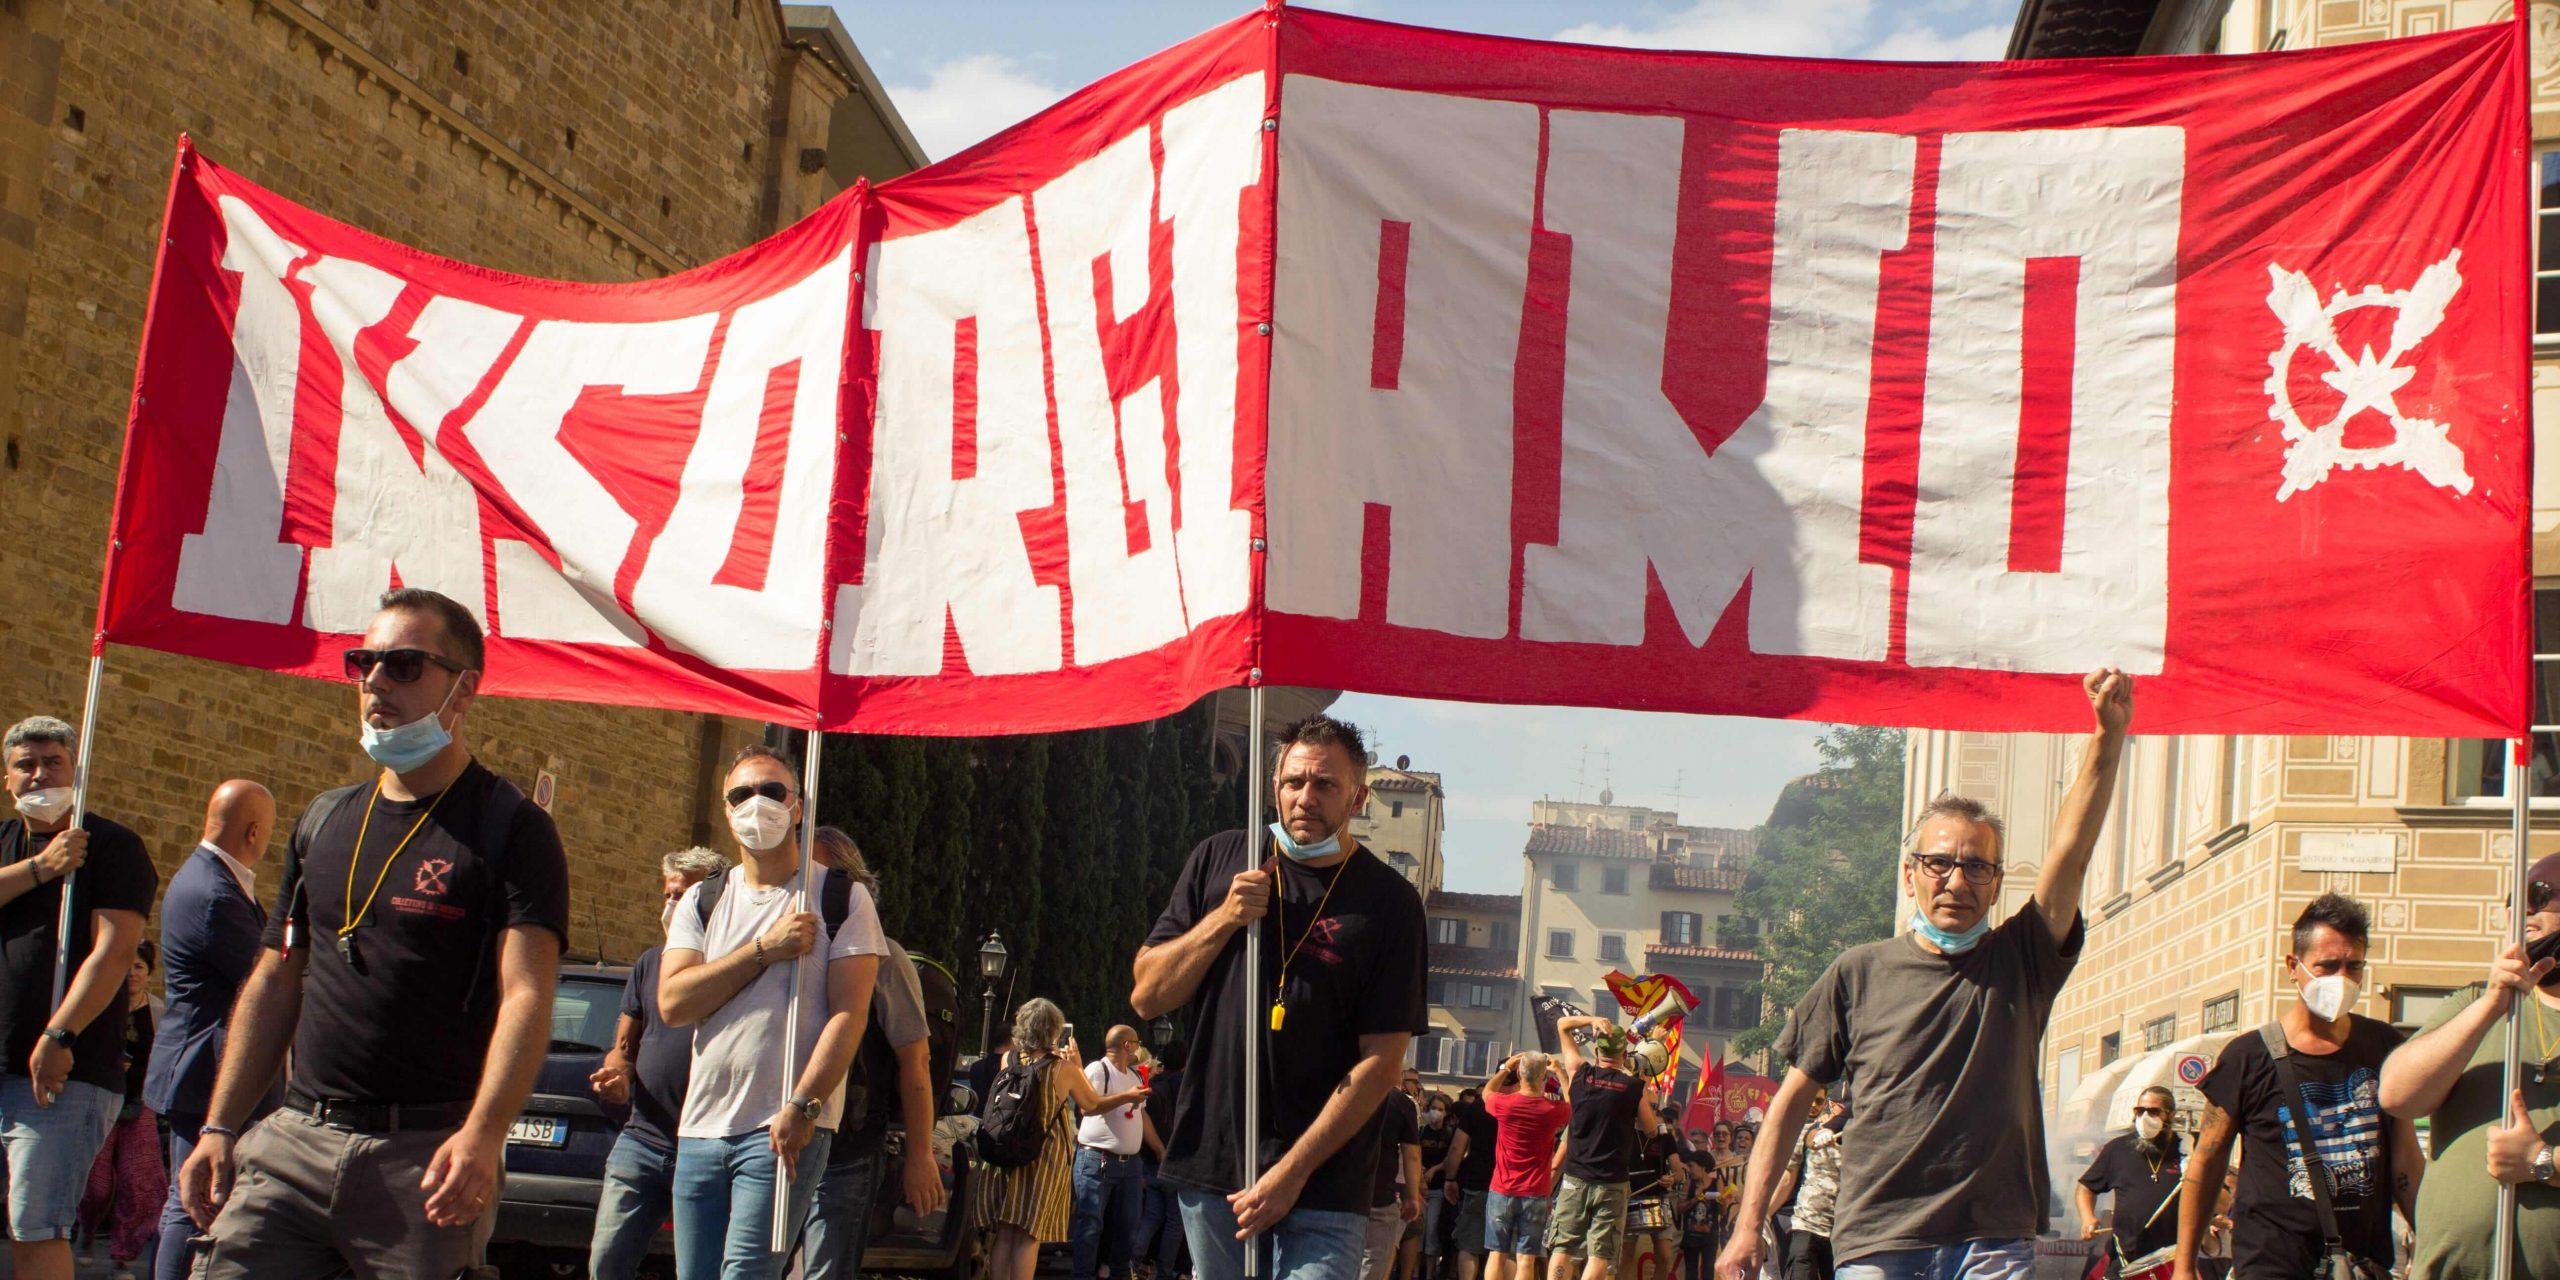 A Firenze suona ancora la martinella: la lotta contro i licenziamenti alla  Gkn - DINAMOpress